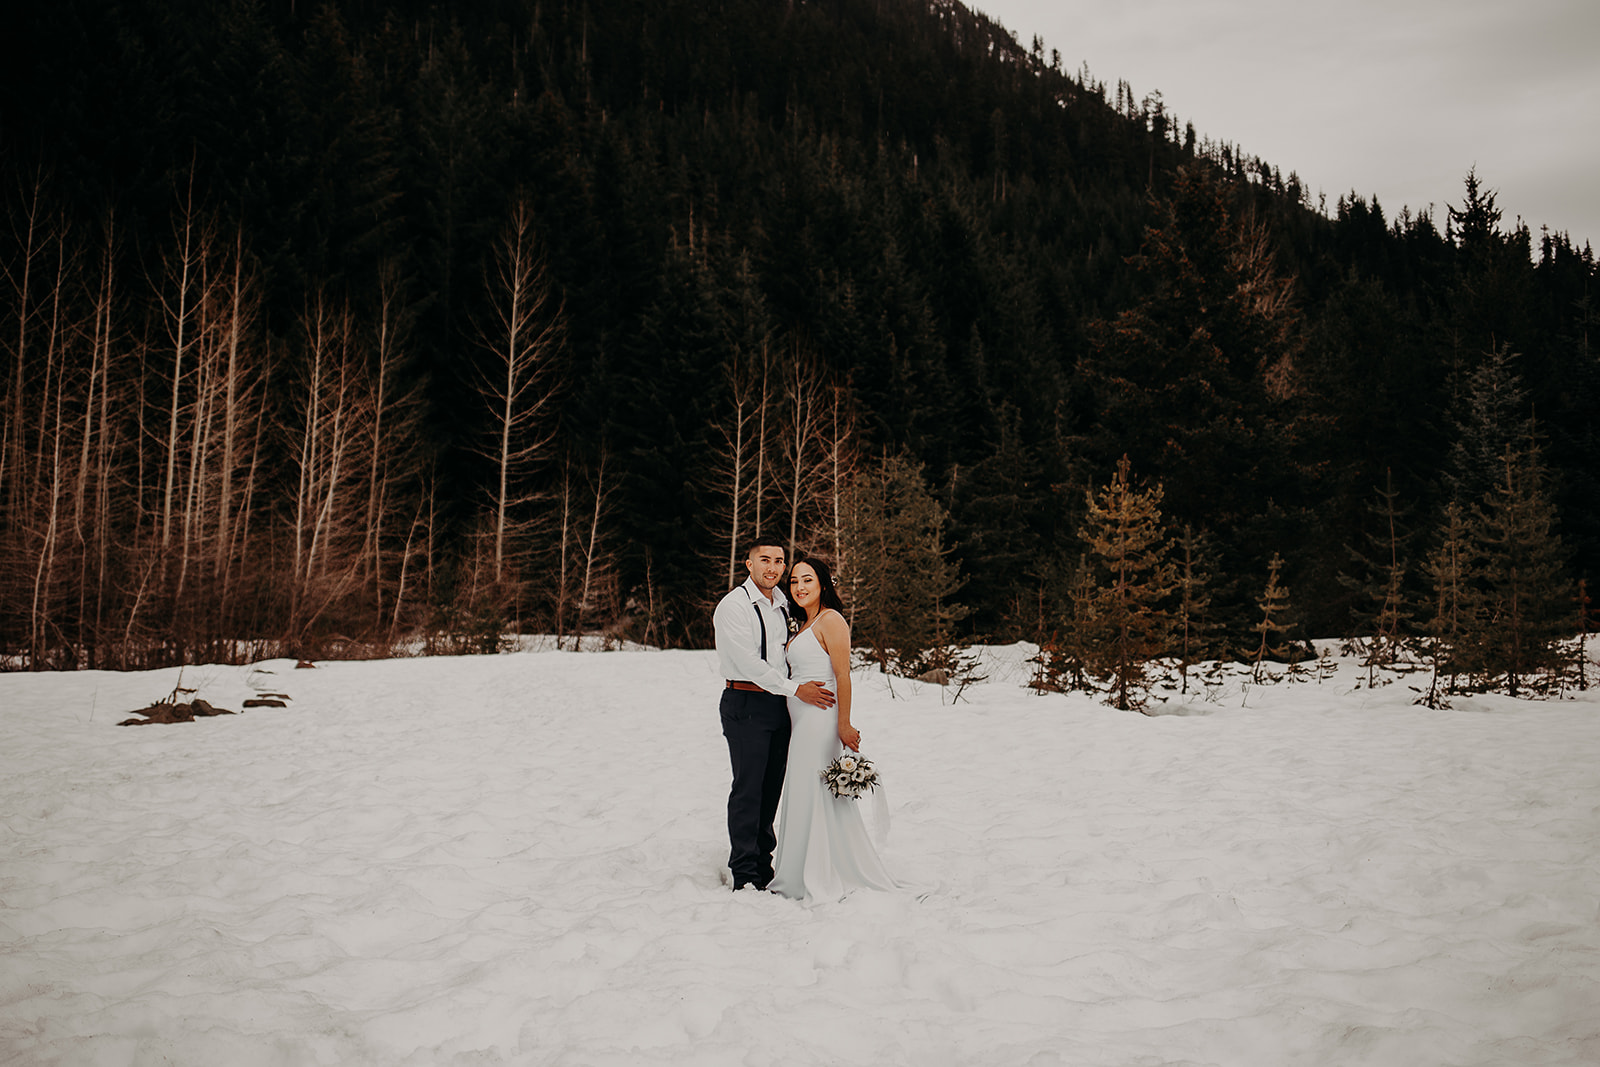 winter-mountain-elopement-asheville-wedding-photographer-megan-gallagher-photographer (15).jpg